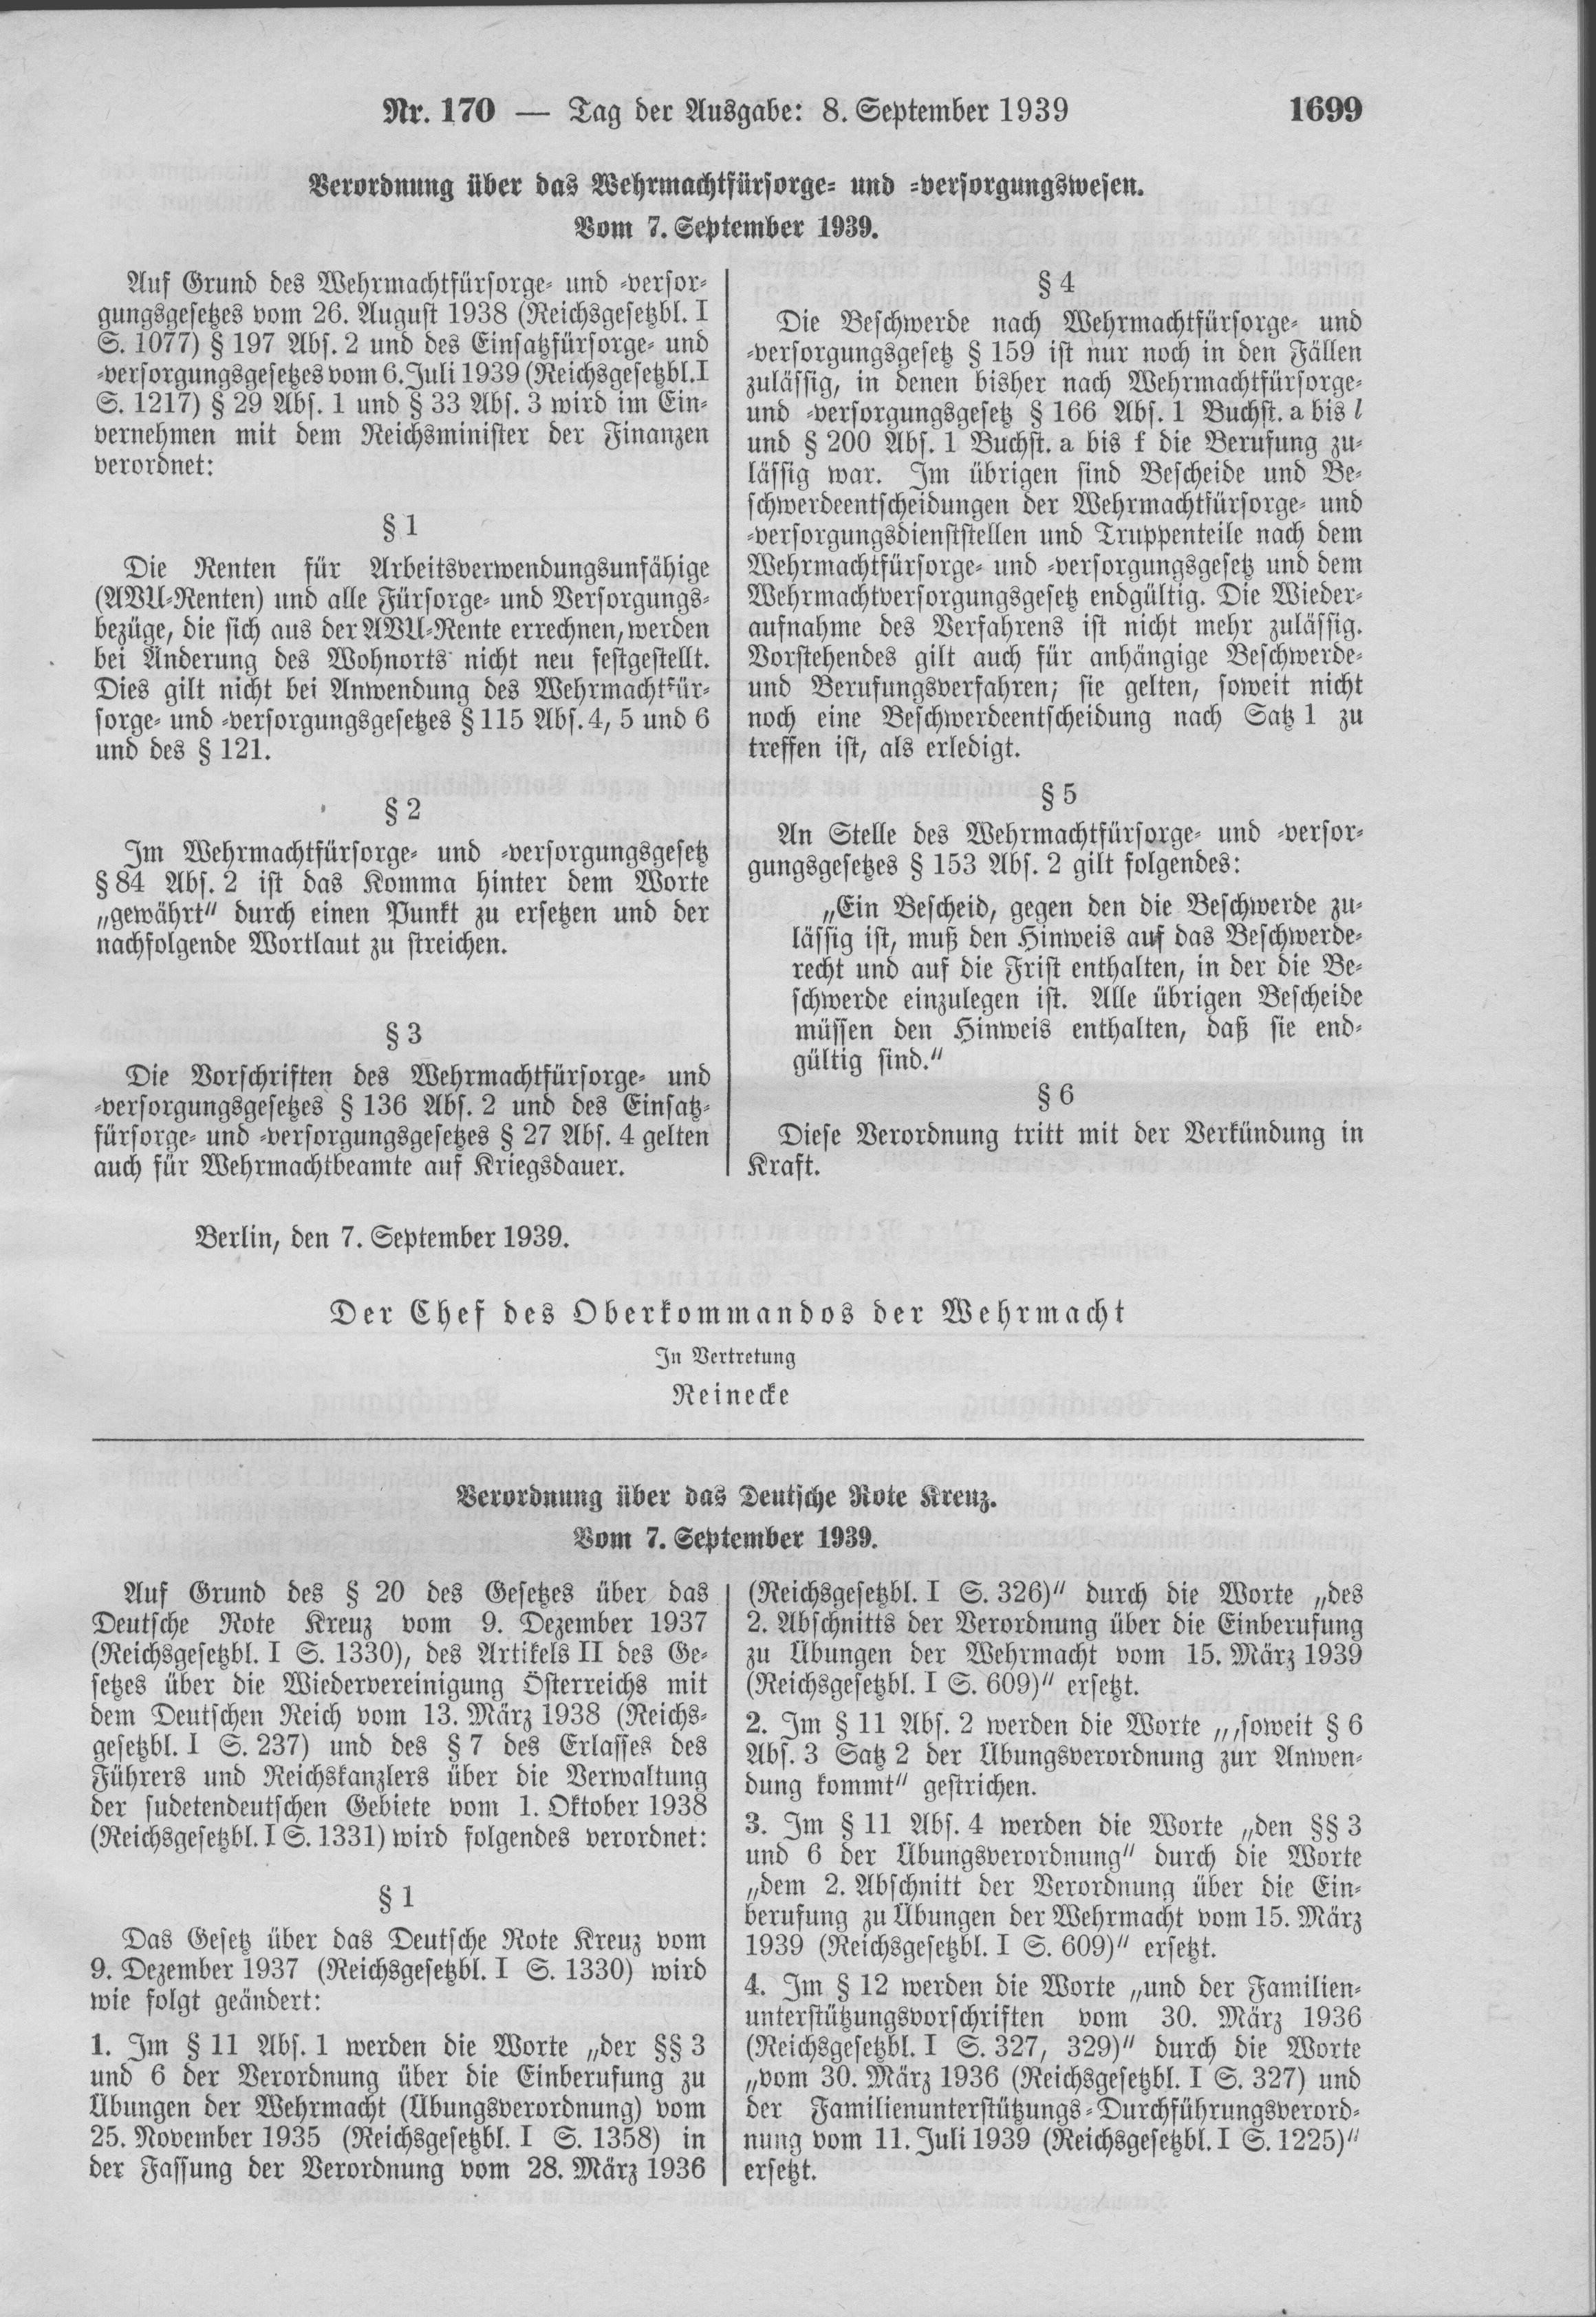 File:Deutsches Reichsgesetzblatt 39T1 170 1699.jpg - Wikimedia Commons